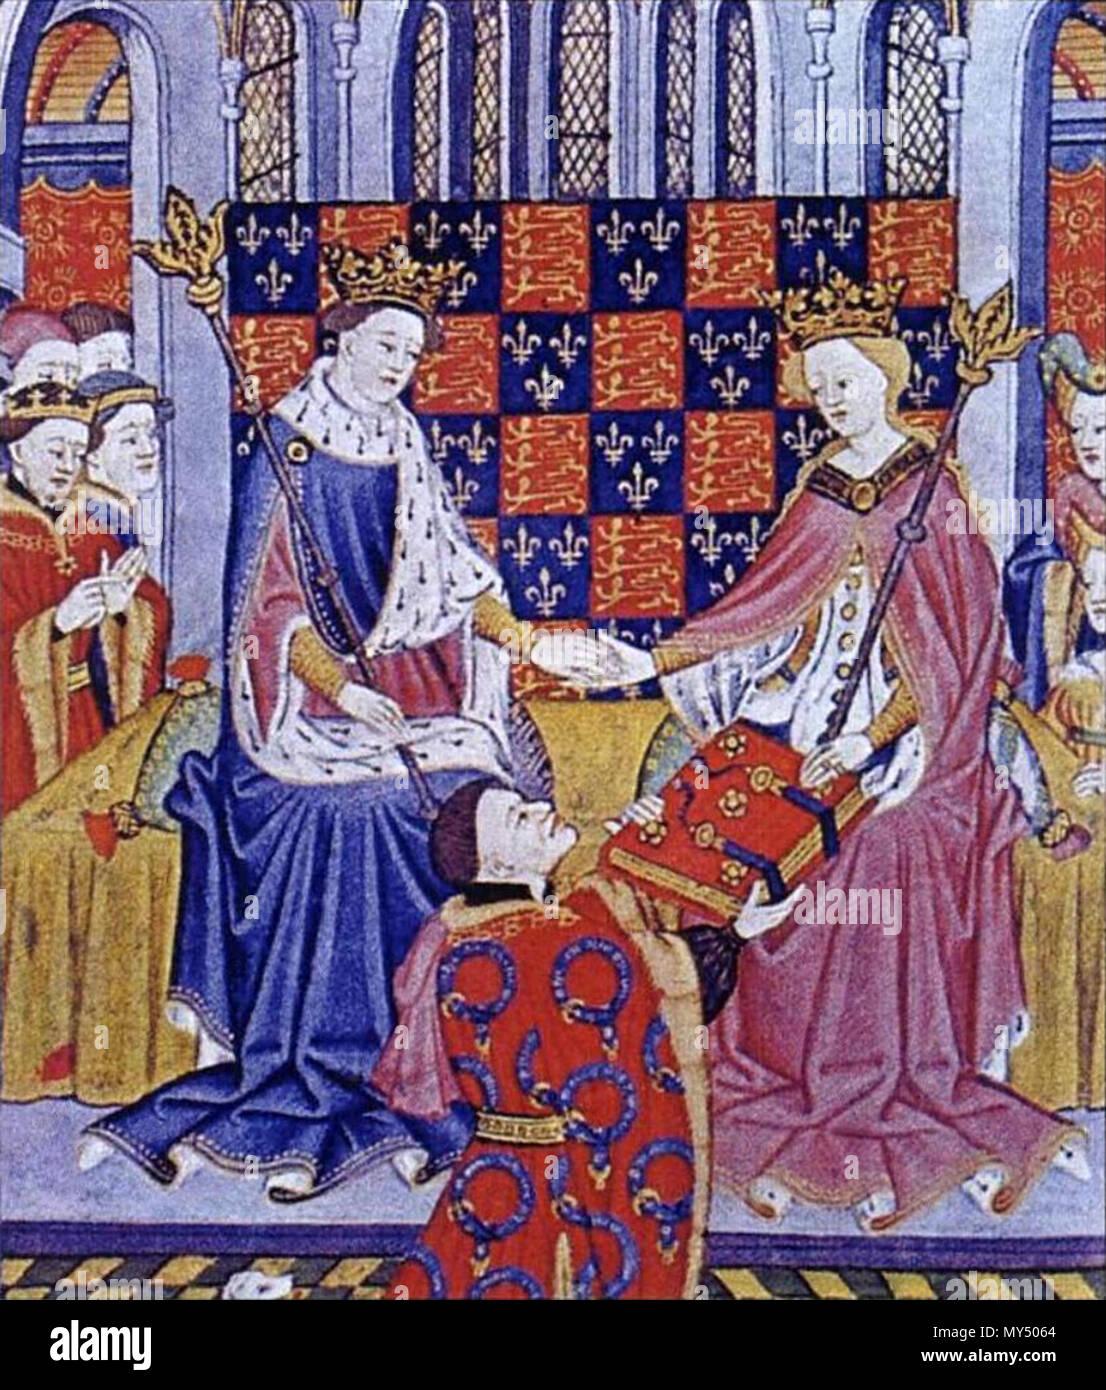 . Anglais: John Talbot, présente le livre de Romances (Shrewsbury) Livre de Marguerite d'Anjou, épouse du roi Henry VI . circa 1445. Maître Talbot (fl. à Rouen, ch. 1430-60) 436 Présentation du livre de romances Photo Stock